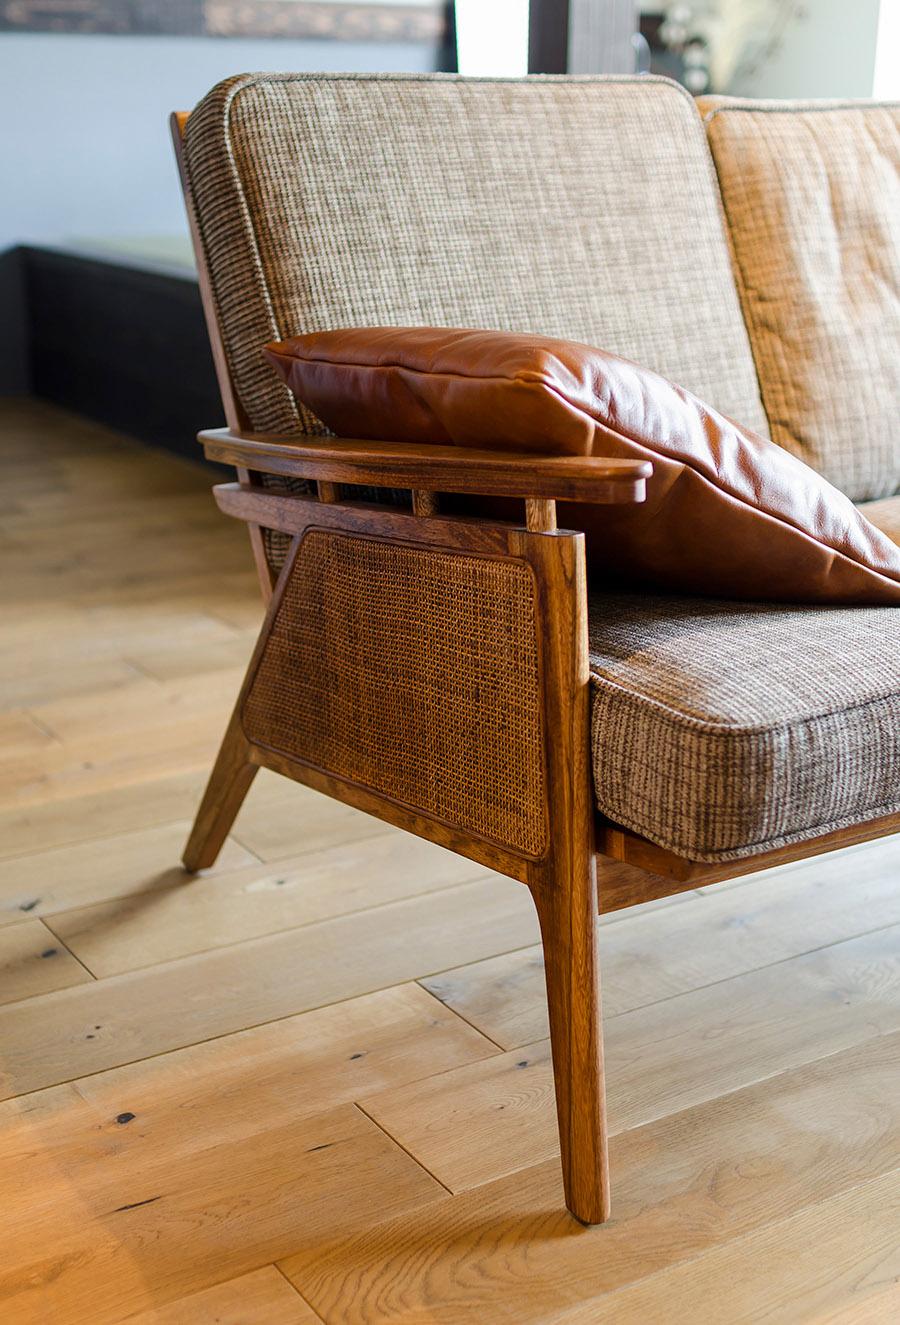 床はあえて節目のある木材を使うことで深みのある印象に。